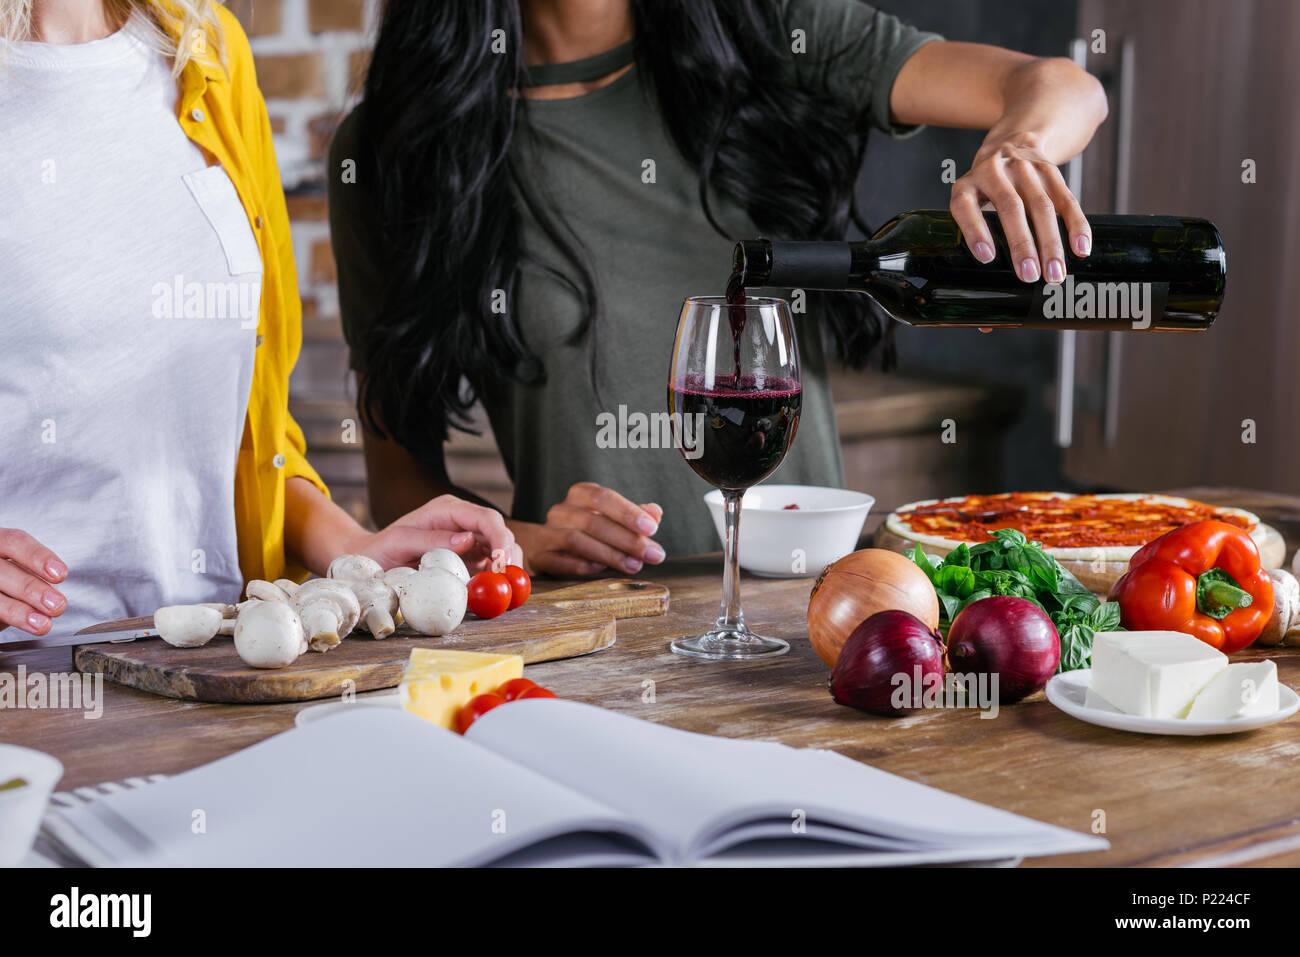 7/8 Schuß von Frauen trinken Wein beim Kochen Pizza zusammen Stockbild